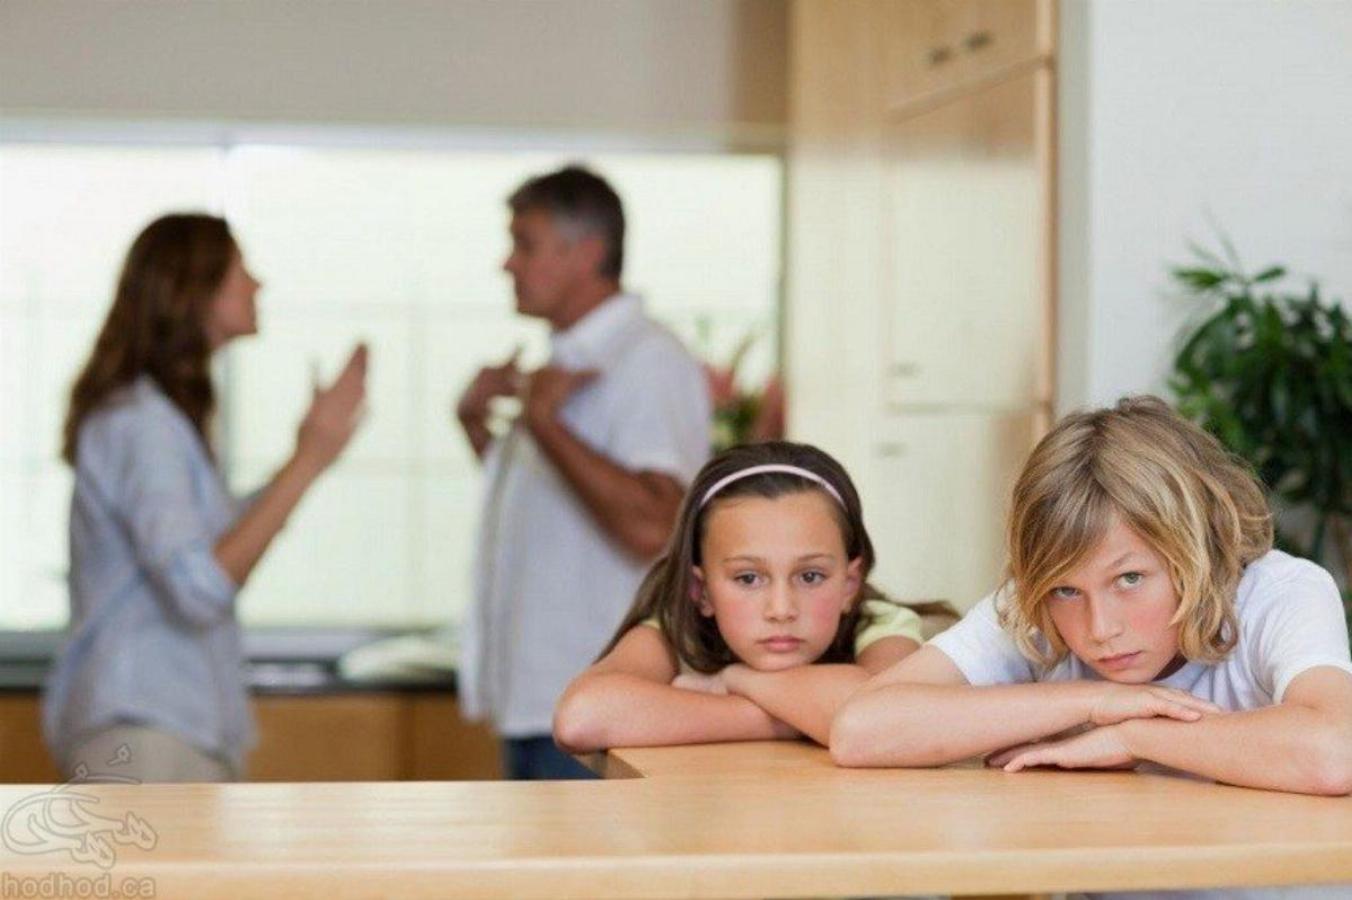 مشکلات خانوادگی در مهاجران و راهکارهای پیشنهادی